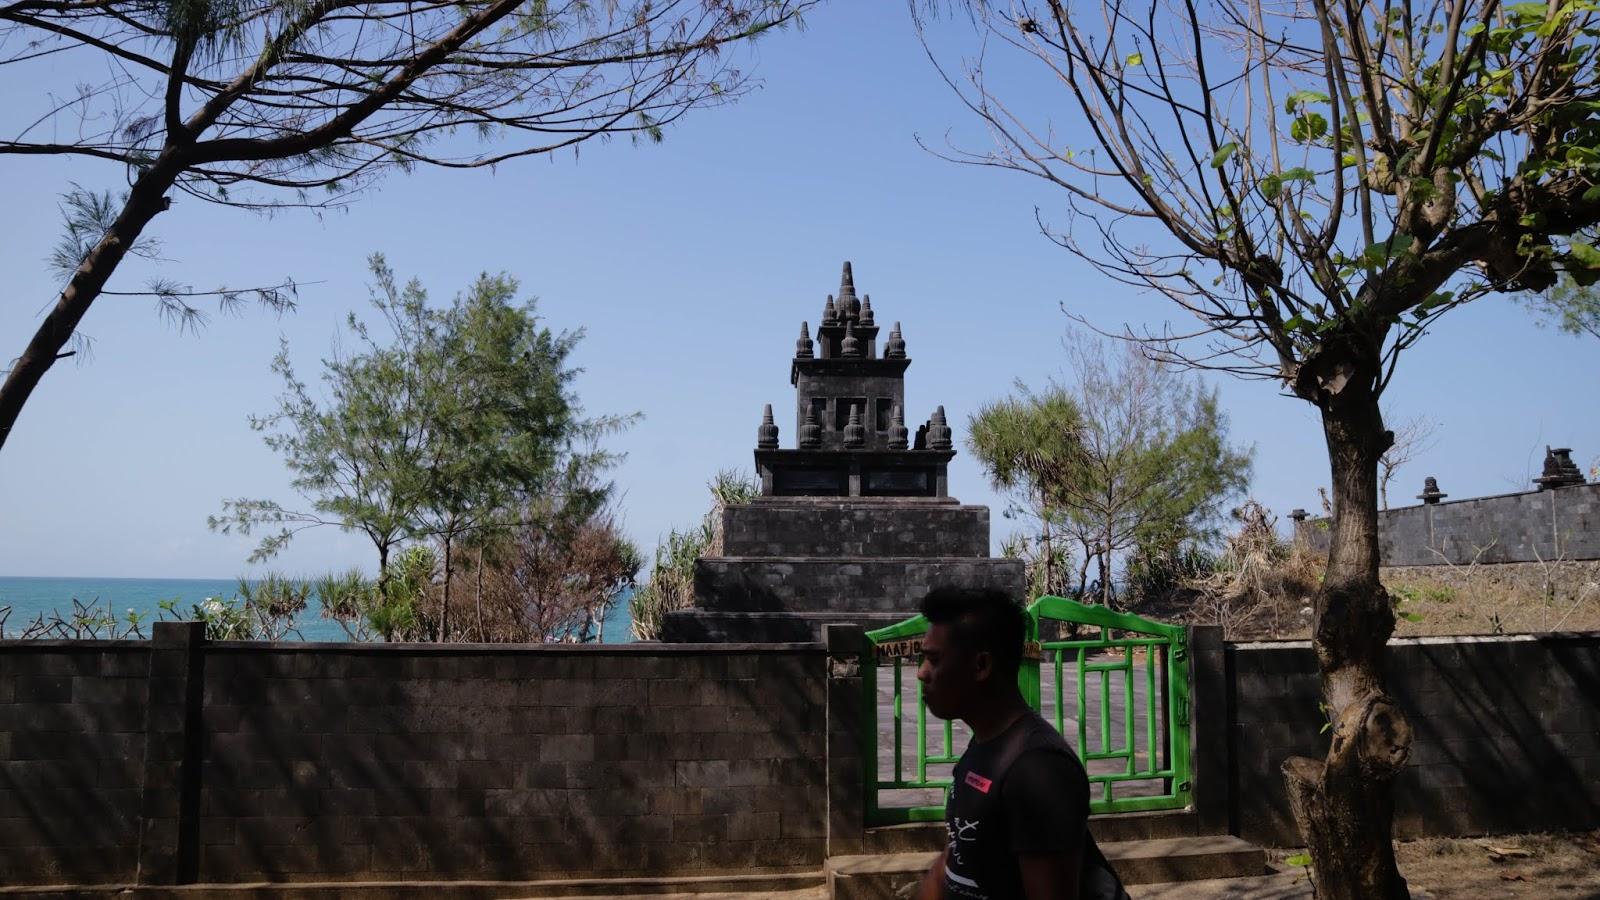 Pantai Ngobaran Pantai Yogyakarta Rasa Suasana Bali Merdeka Tour Travel Pati